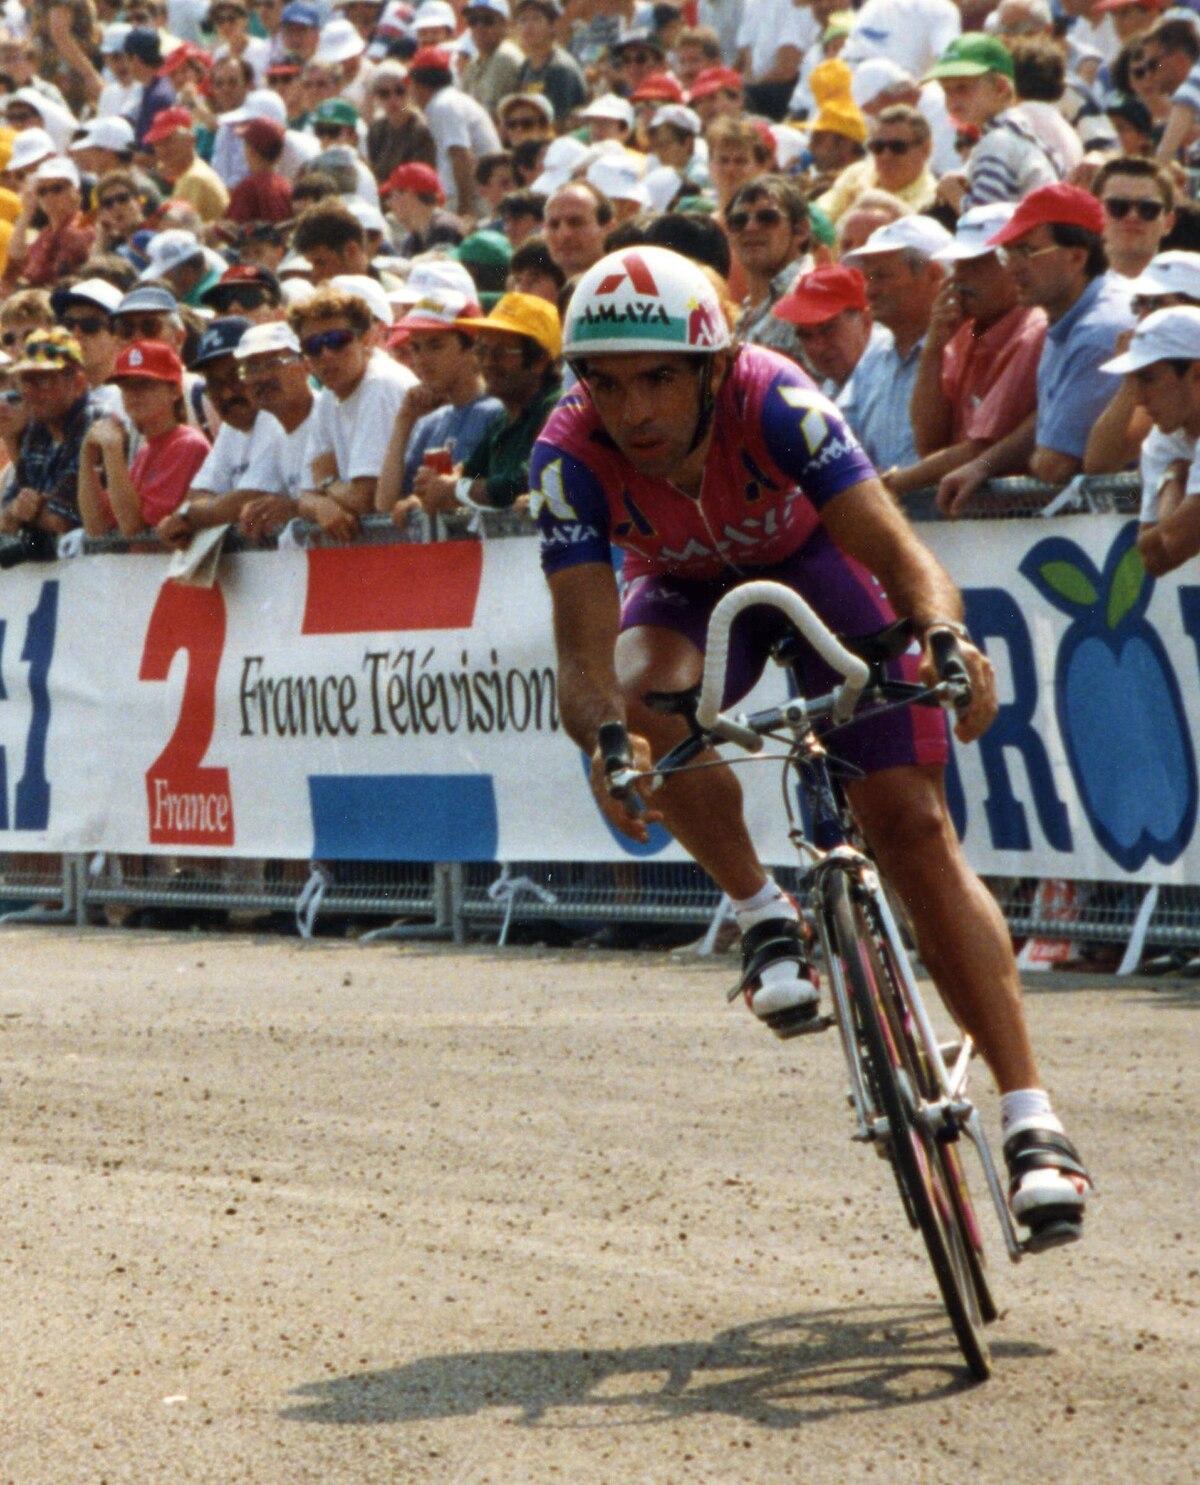 fd4d75088 Amaya Seguros (cycling team) - Wikipedia